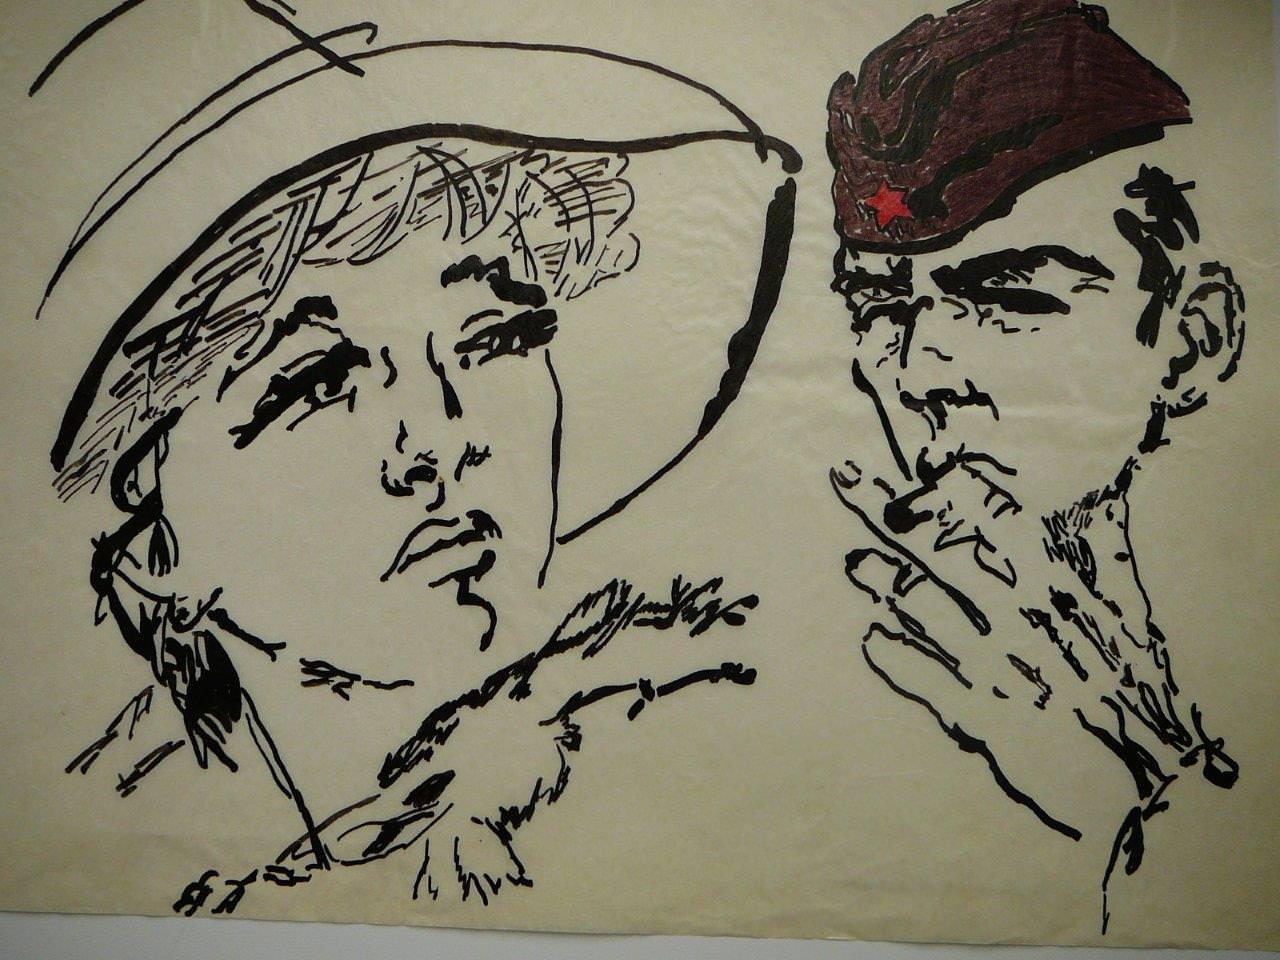 http://cubanos.ru/_data/gallery/foto106/dolkl14.jpg